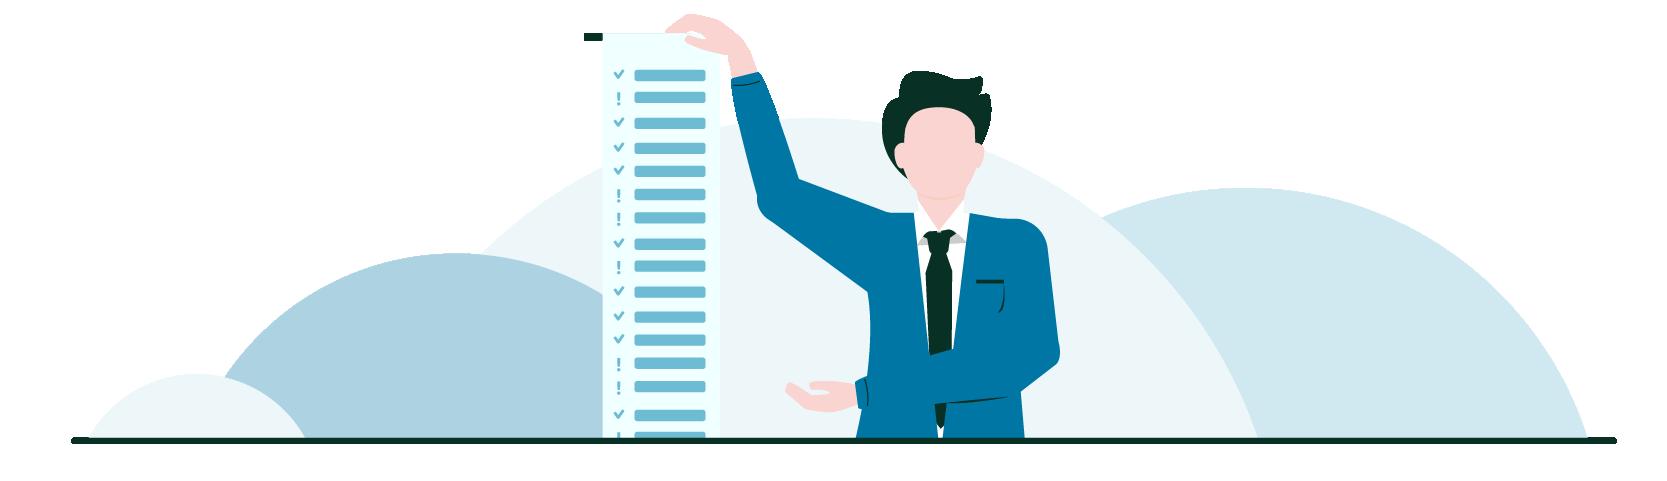 Få HR-sjefens tips til en bedre medarbeidersamtale [+ gratis webinar]